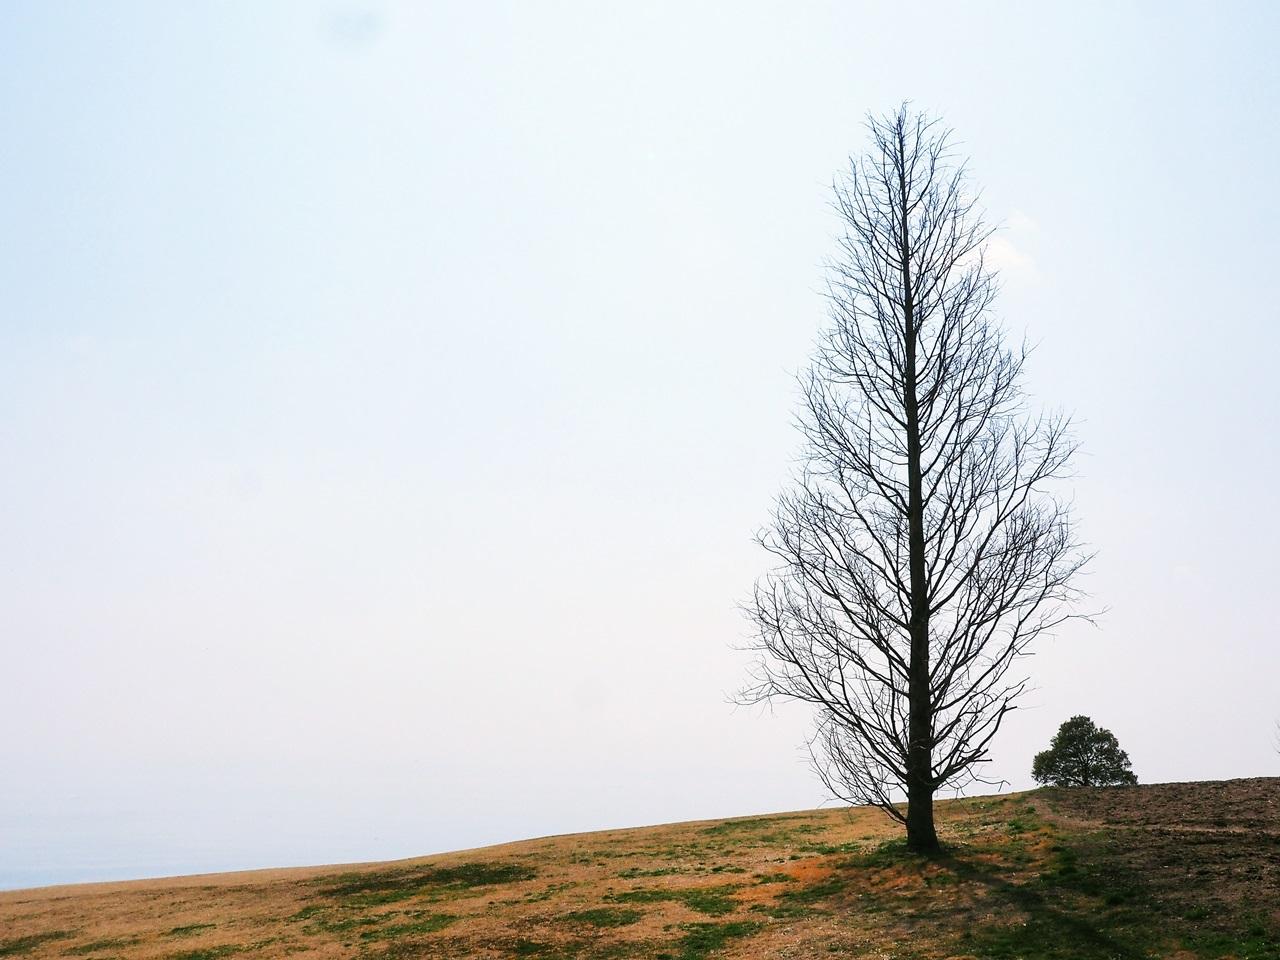 大地に根を張る一本の大きな木 しっかりと根を張ることで長・・・